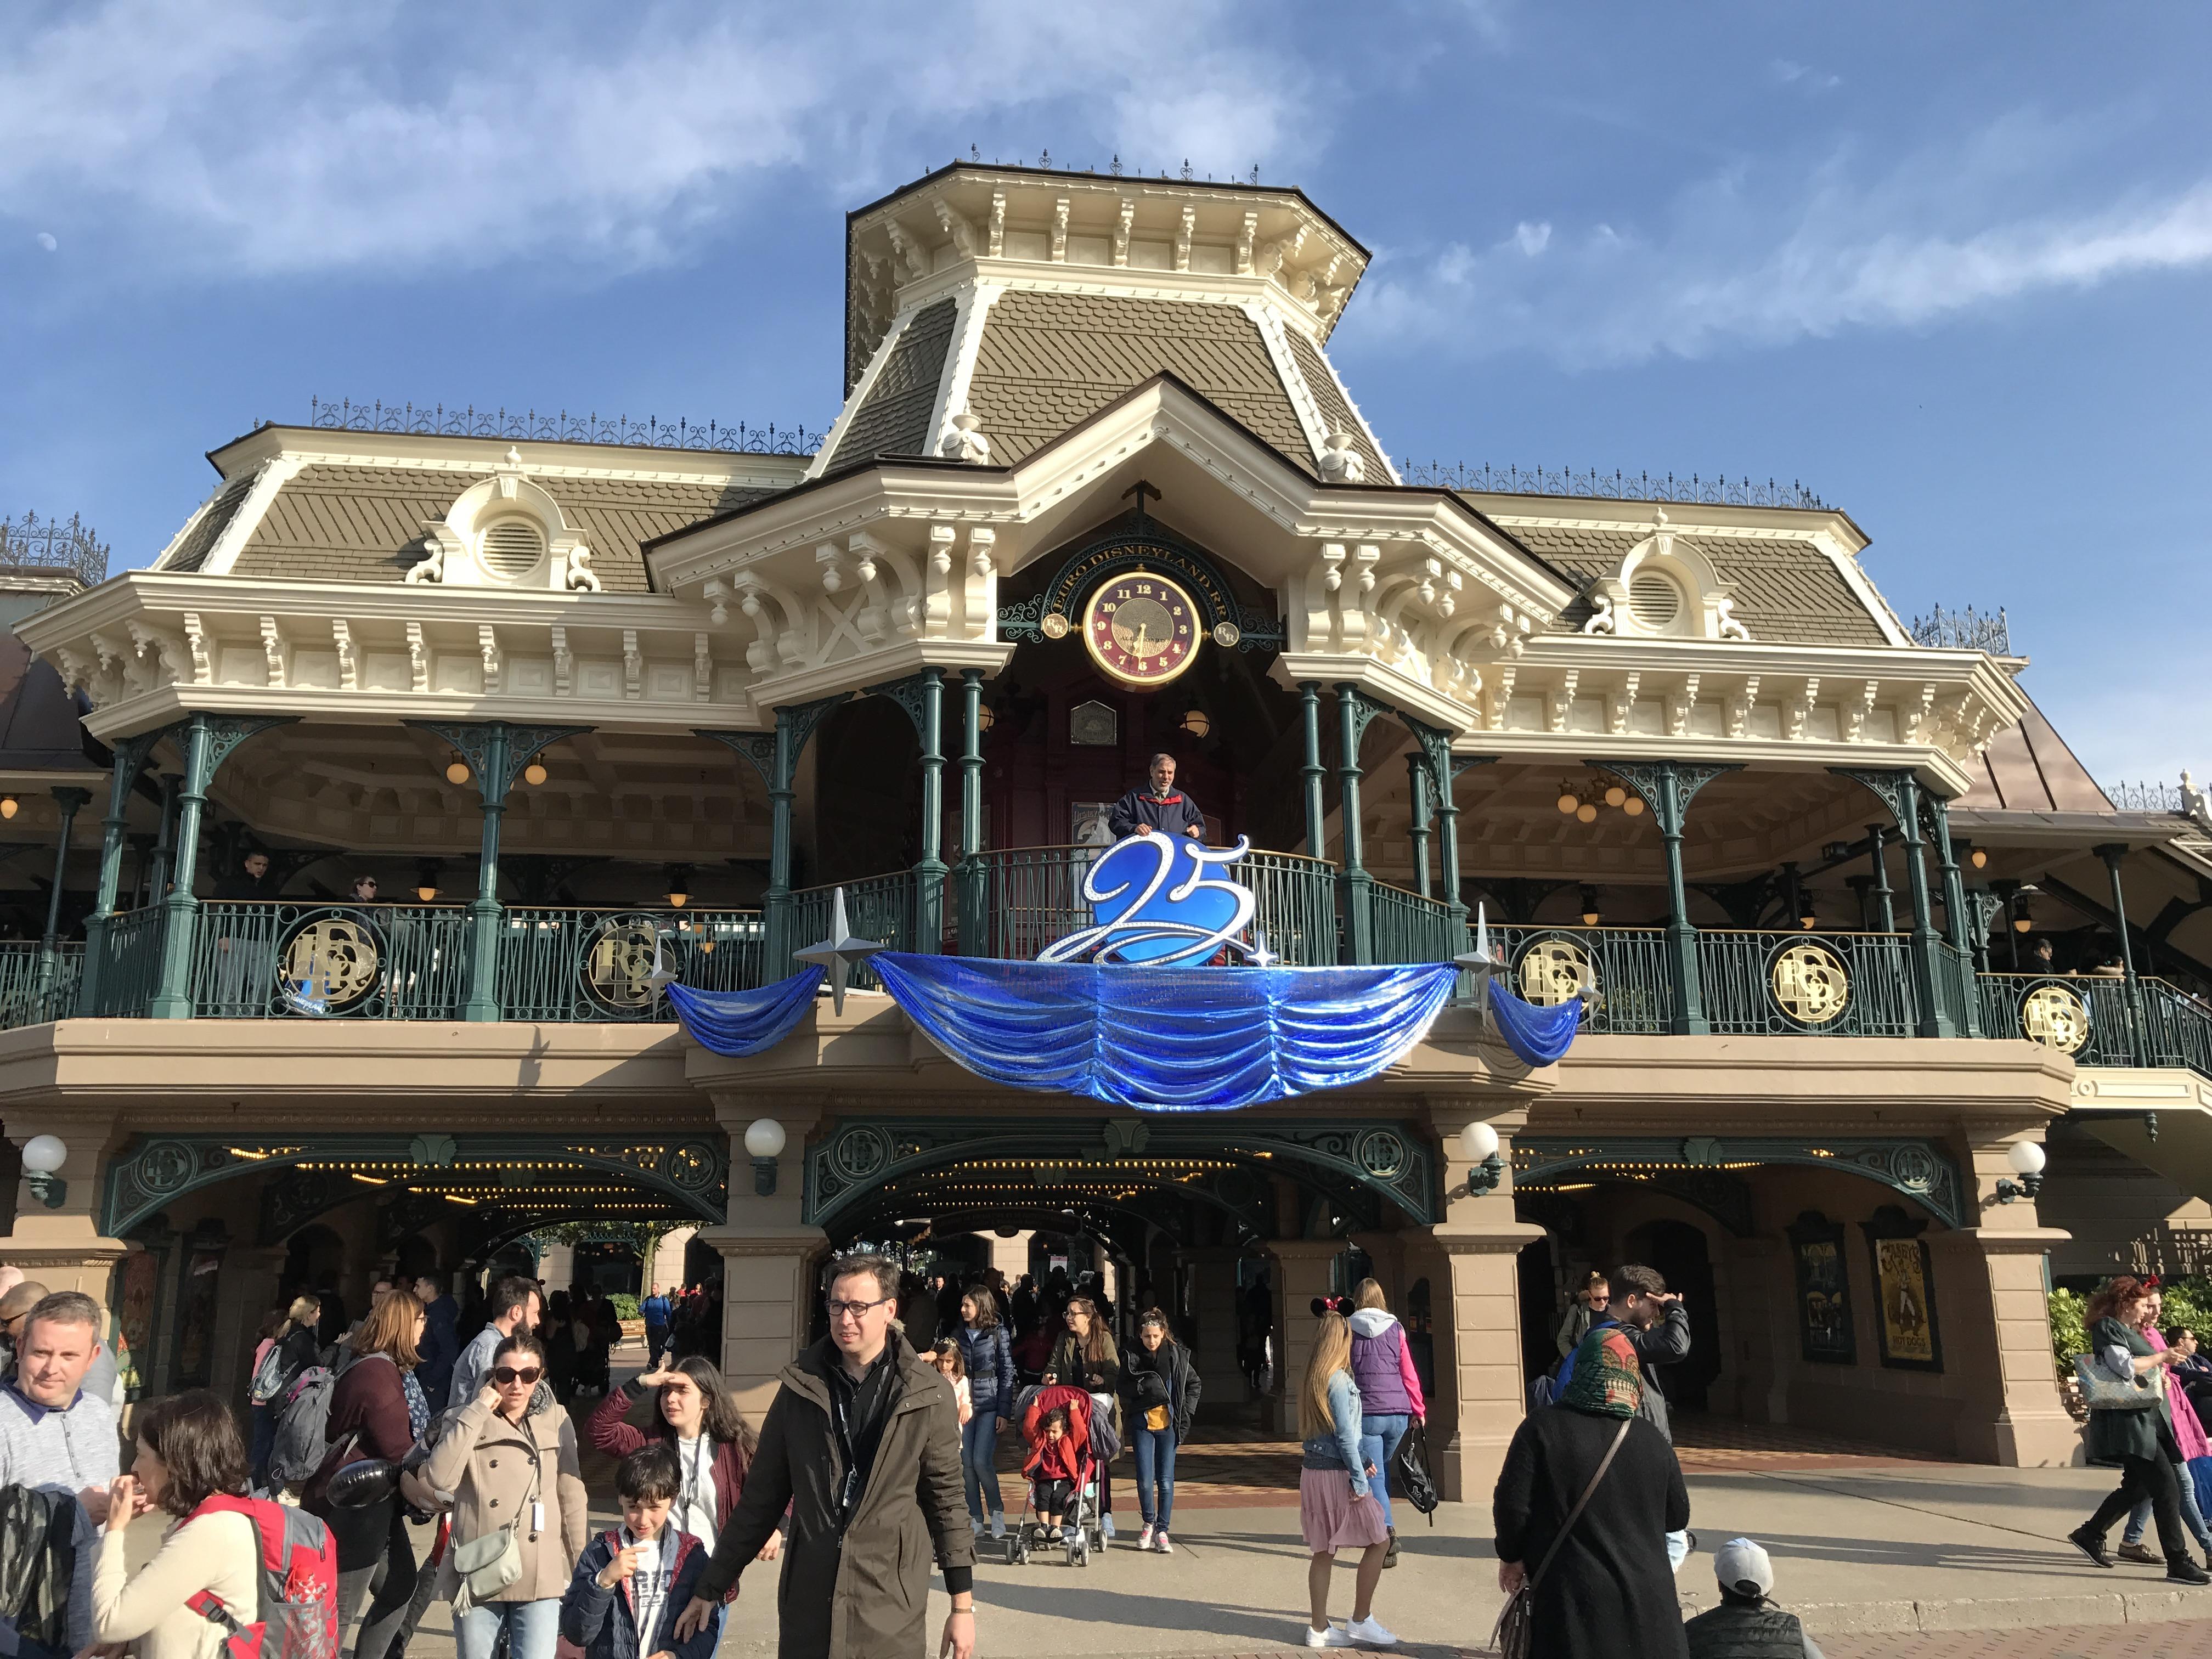 Disneyland Paris 25th Anniversary Main Street